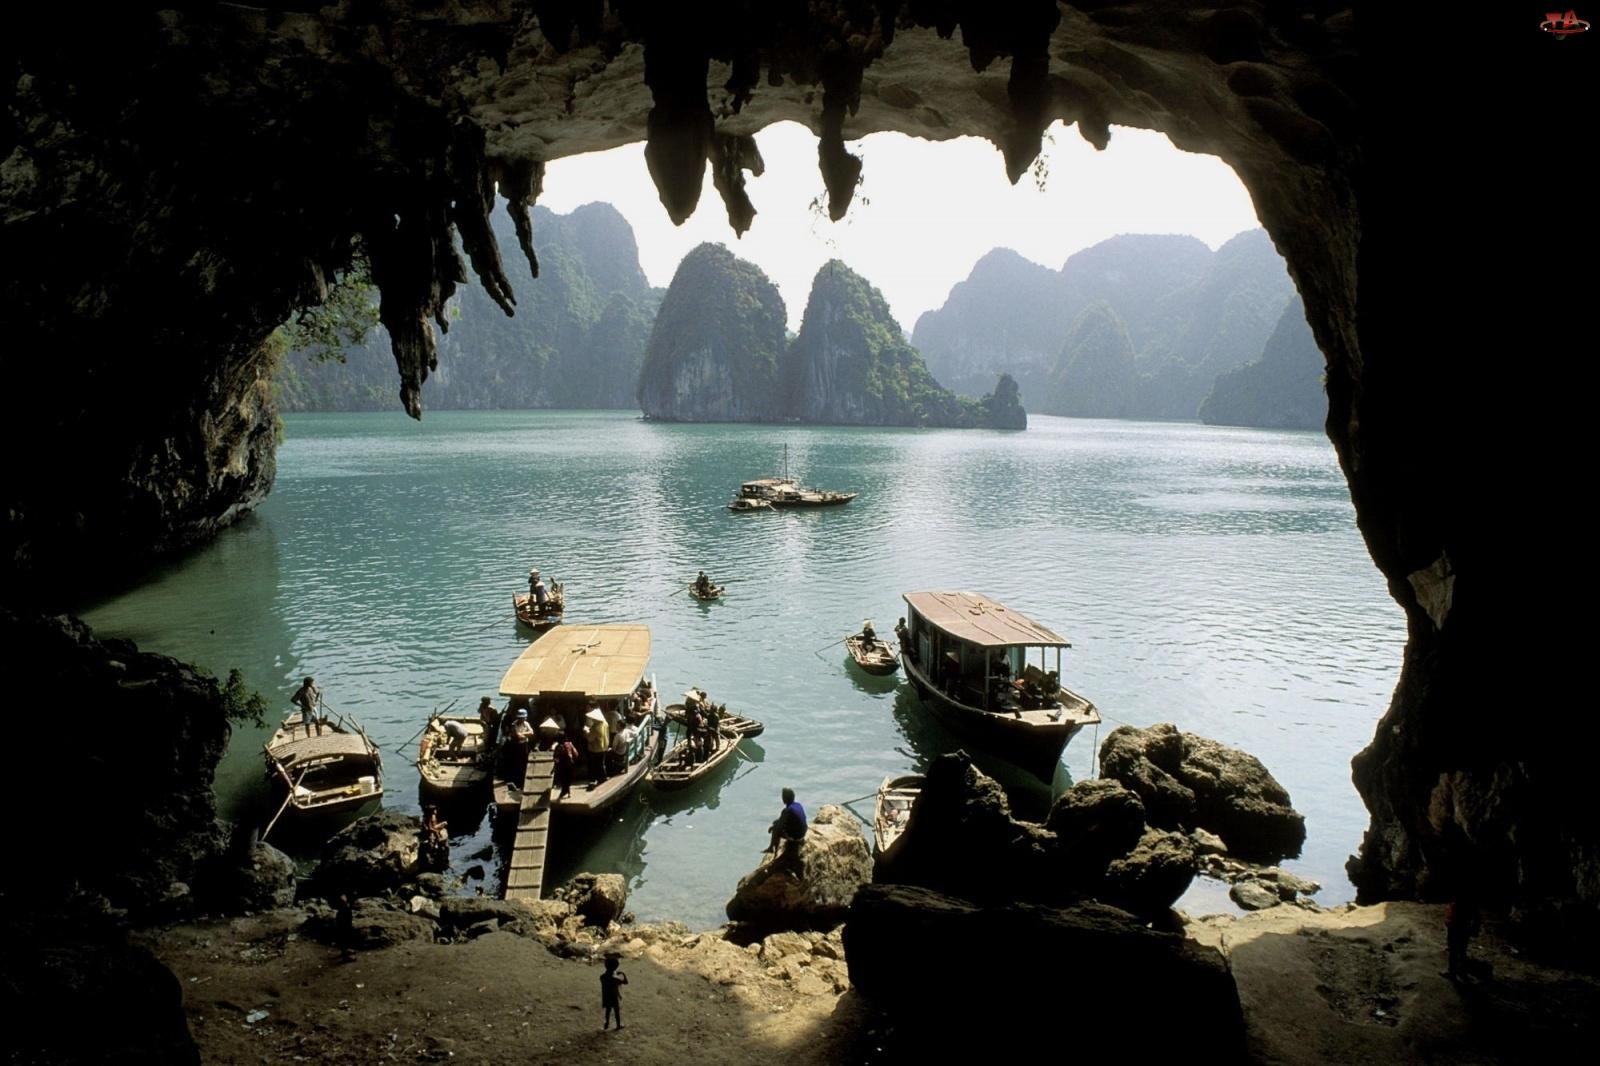 Jaskinia, Łodzie, Góry, Rybackie, Grota, Jezioro